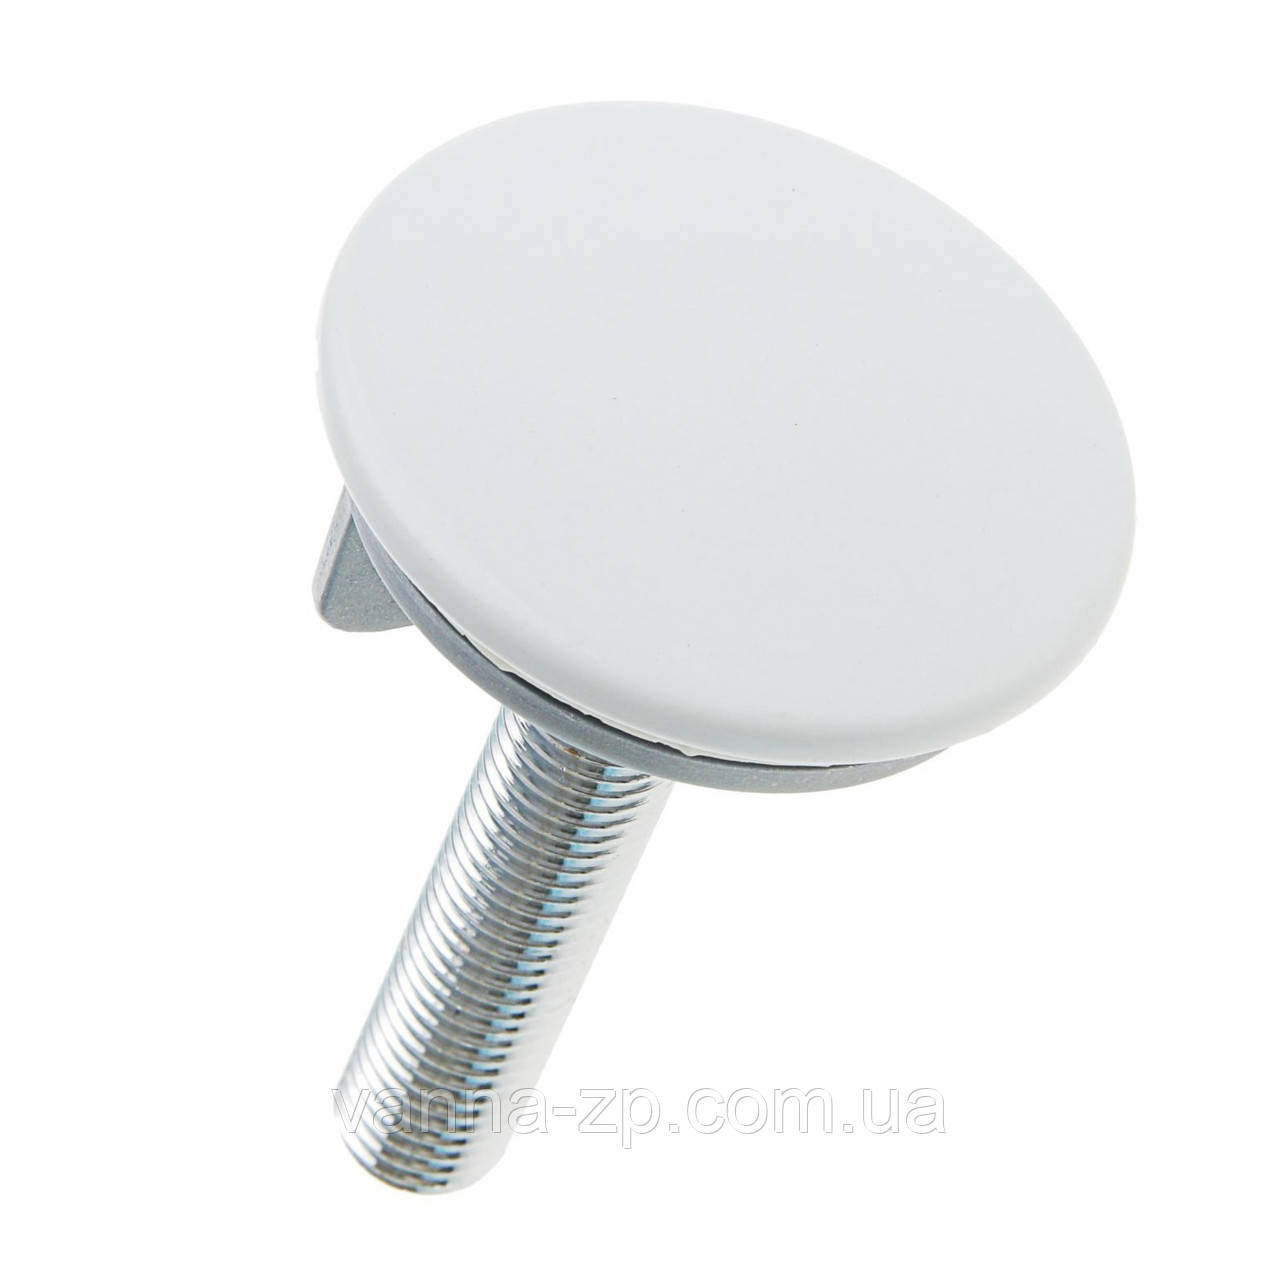 Заглушка отверстия умывальника (на установочное место смесителя) белая